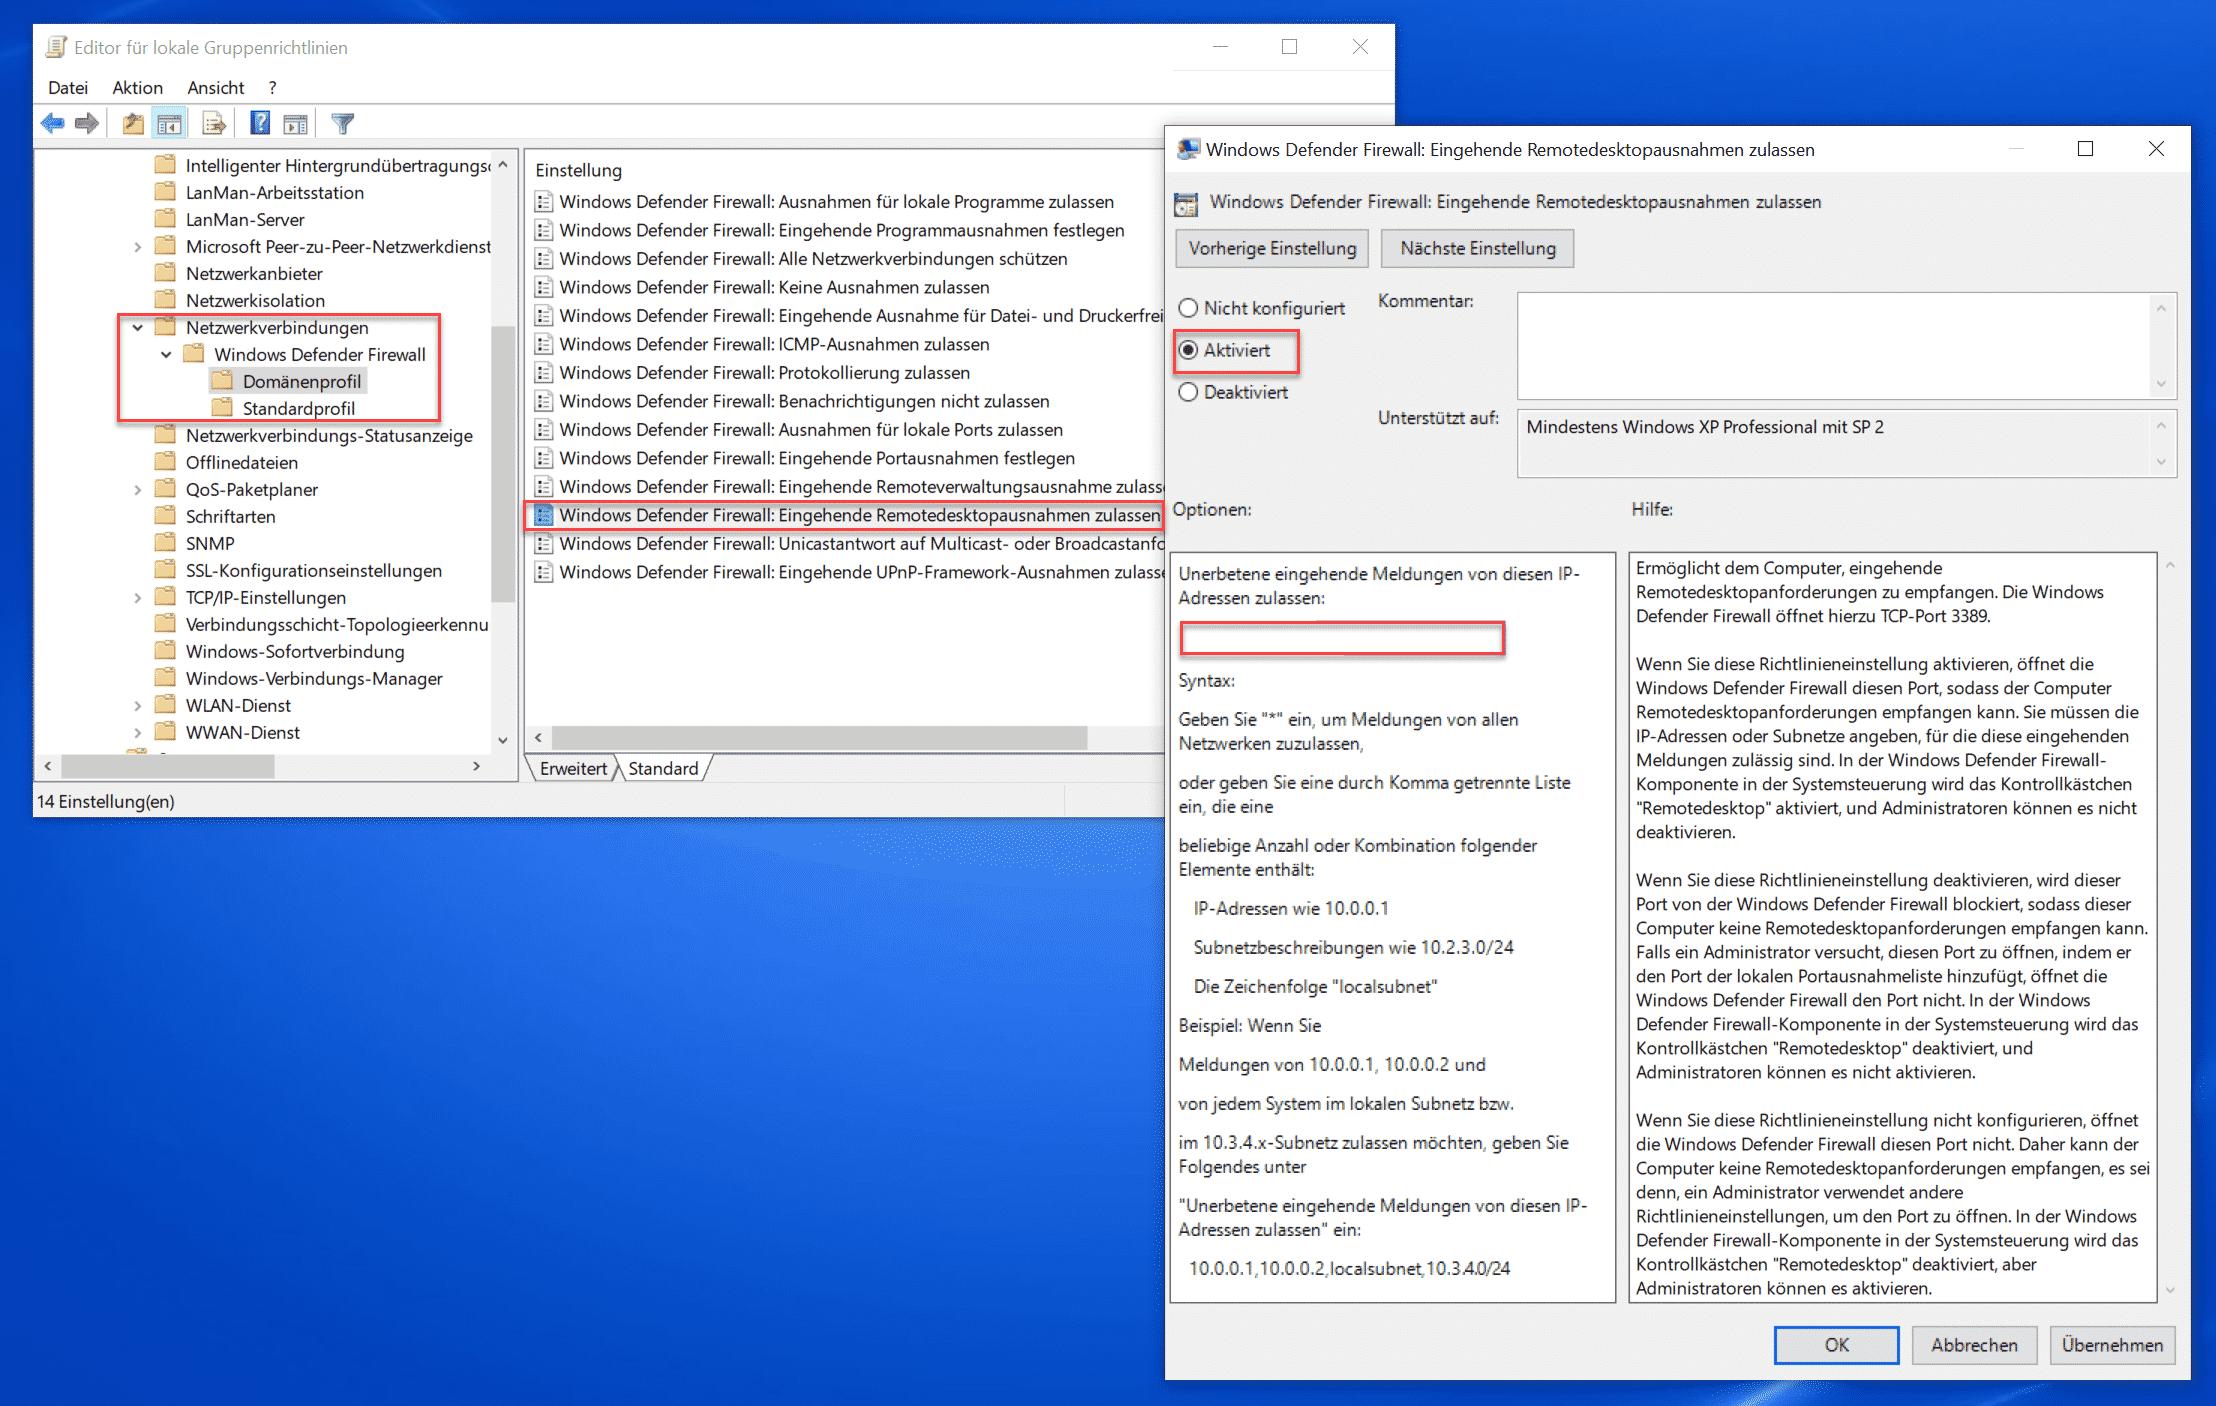 Windows Defender Firewall Eingehende Remotedesktopausnahmen zulassen